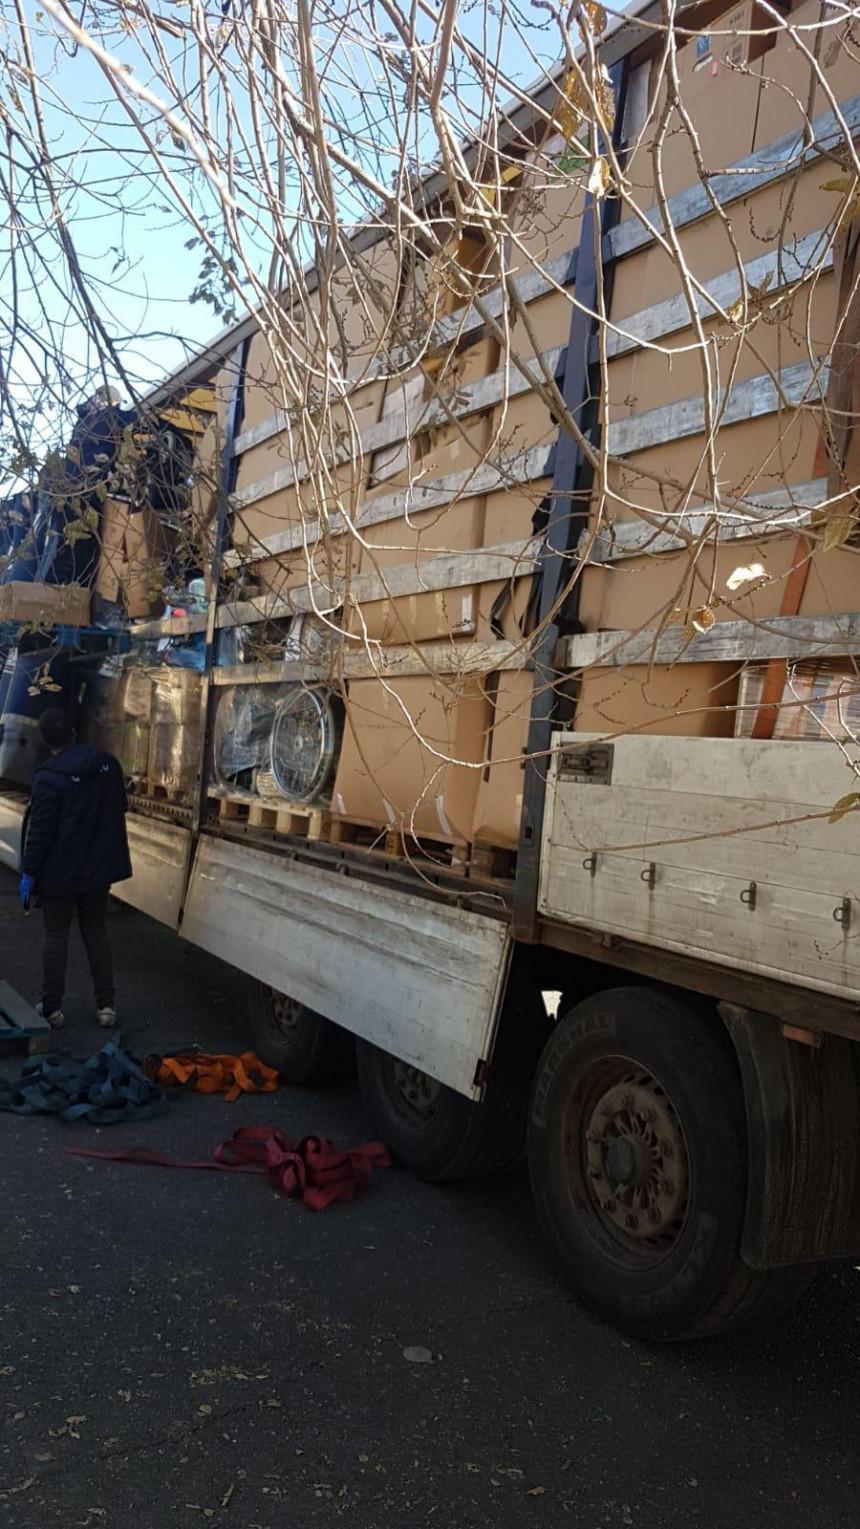 Հայաստանին և Արցախին ցուցաբերվող մարդասիրական օգնության առաջին փուլի ավարտ